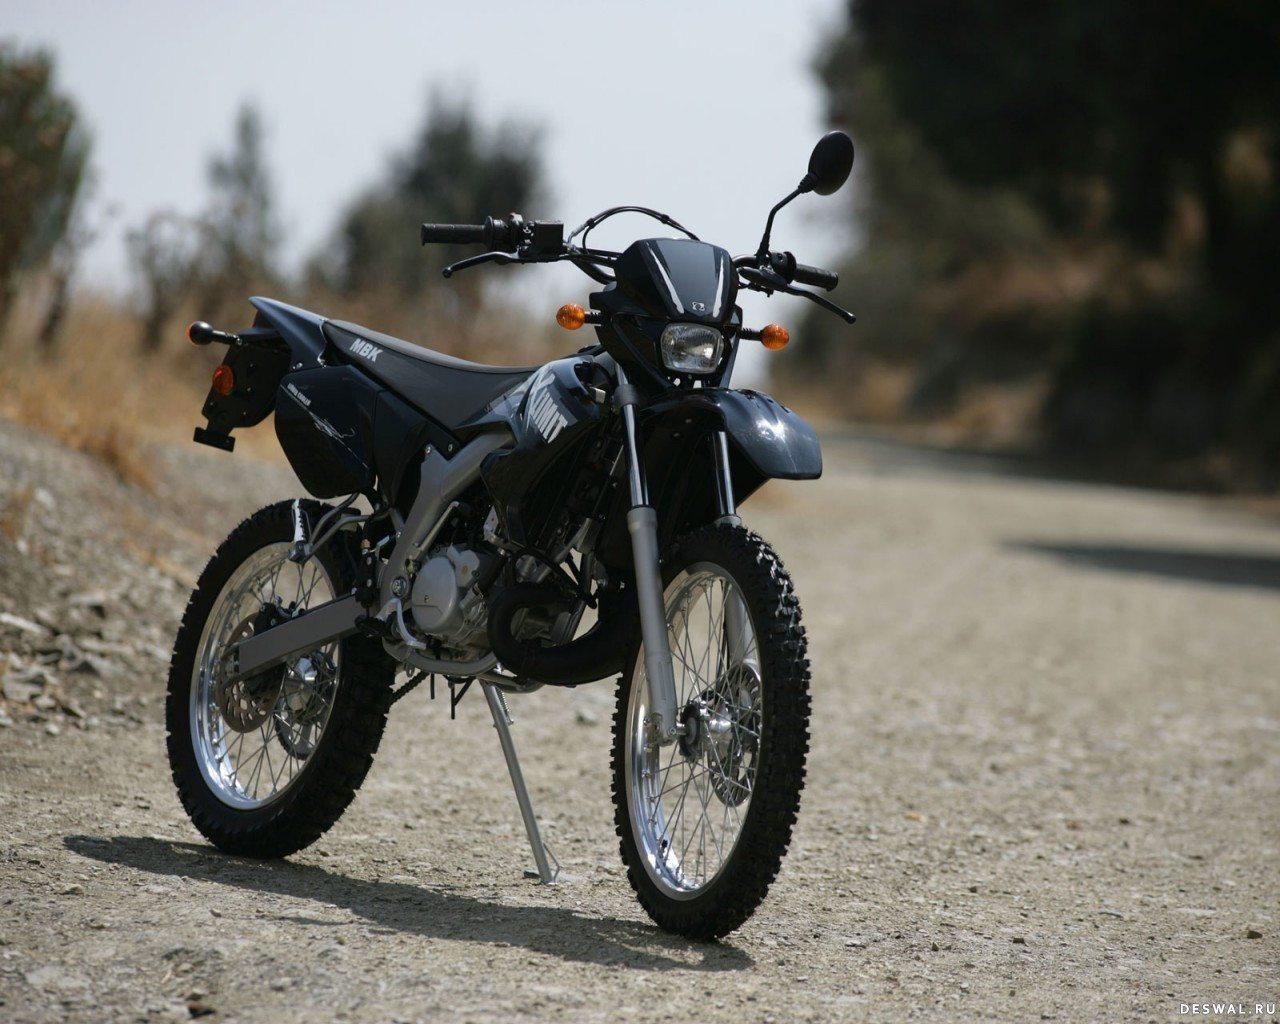 МБК на качественной картинке. Нажмите на картинку с обоями мотоцикла mbk, чтобы просмотреть ее в реальном размере